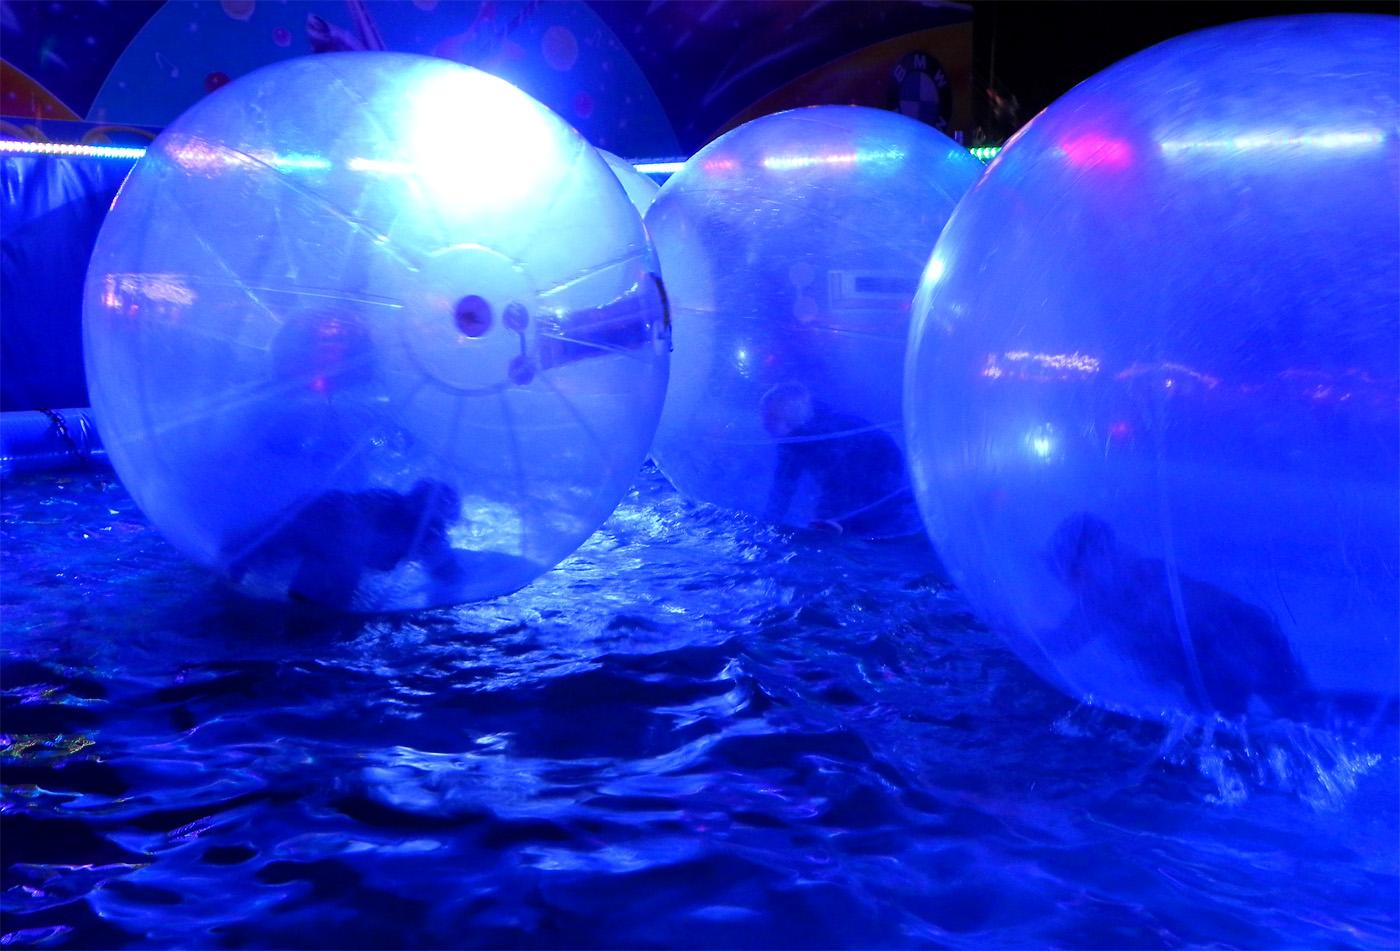 Ballons auf dem Wasser